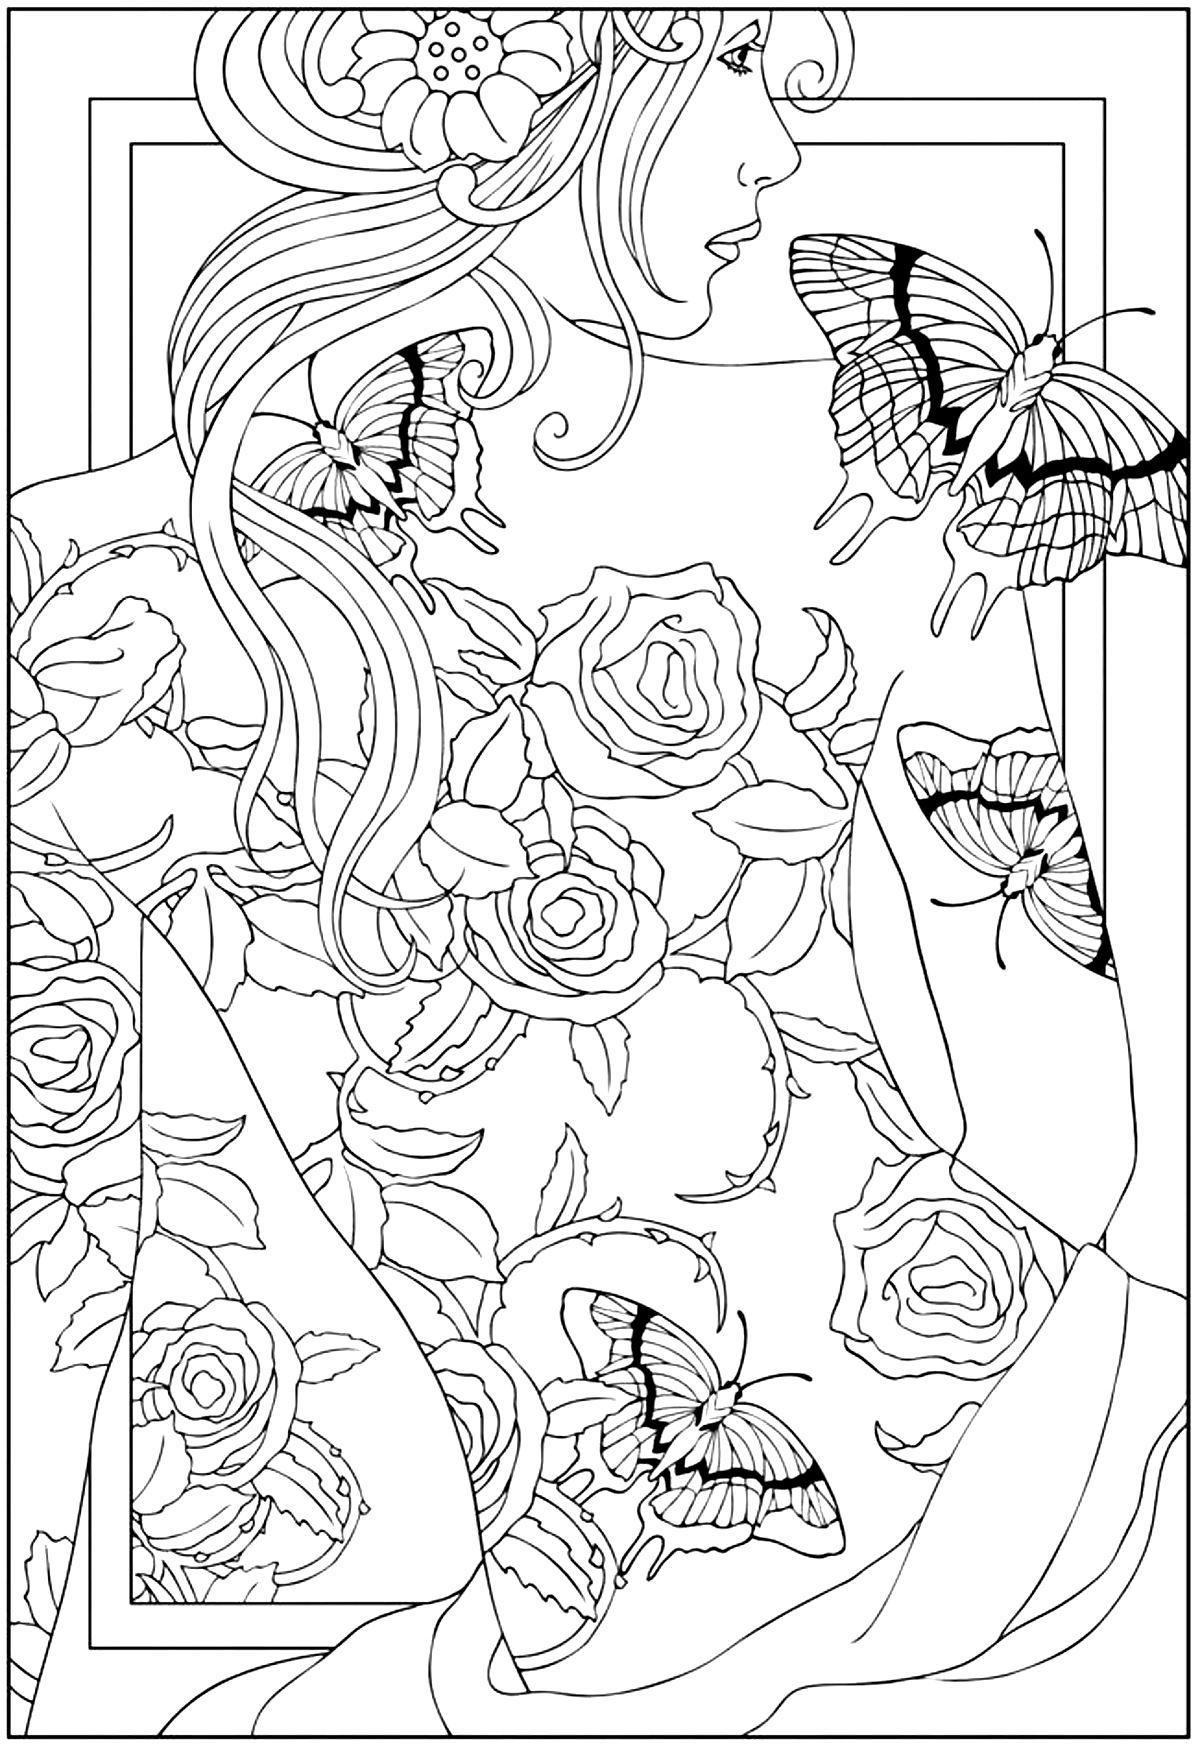 Disegni da colorare per adulti : Tatuaggi - 21